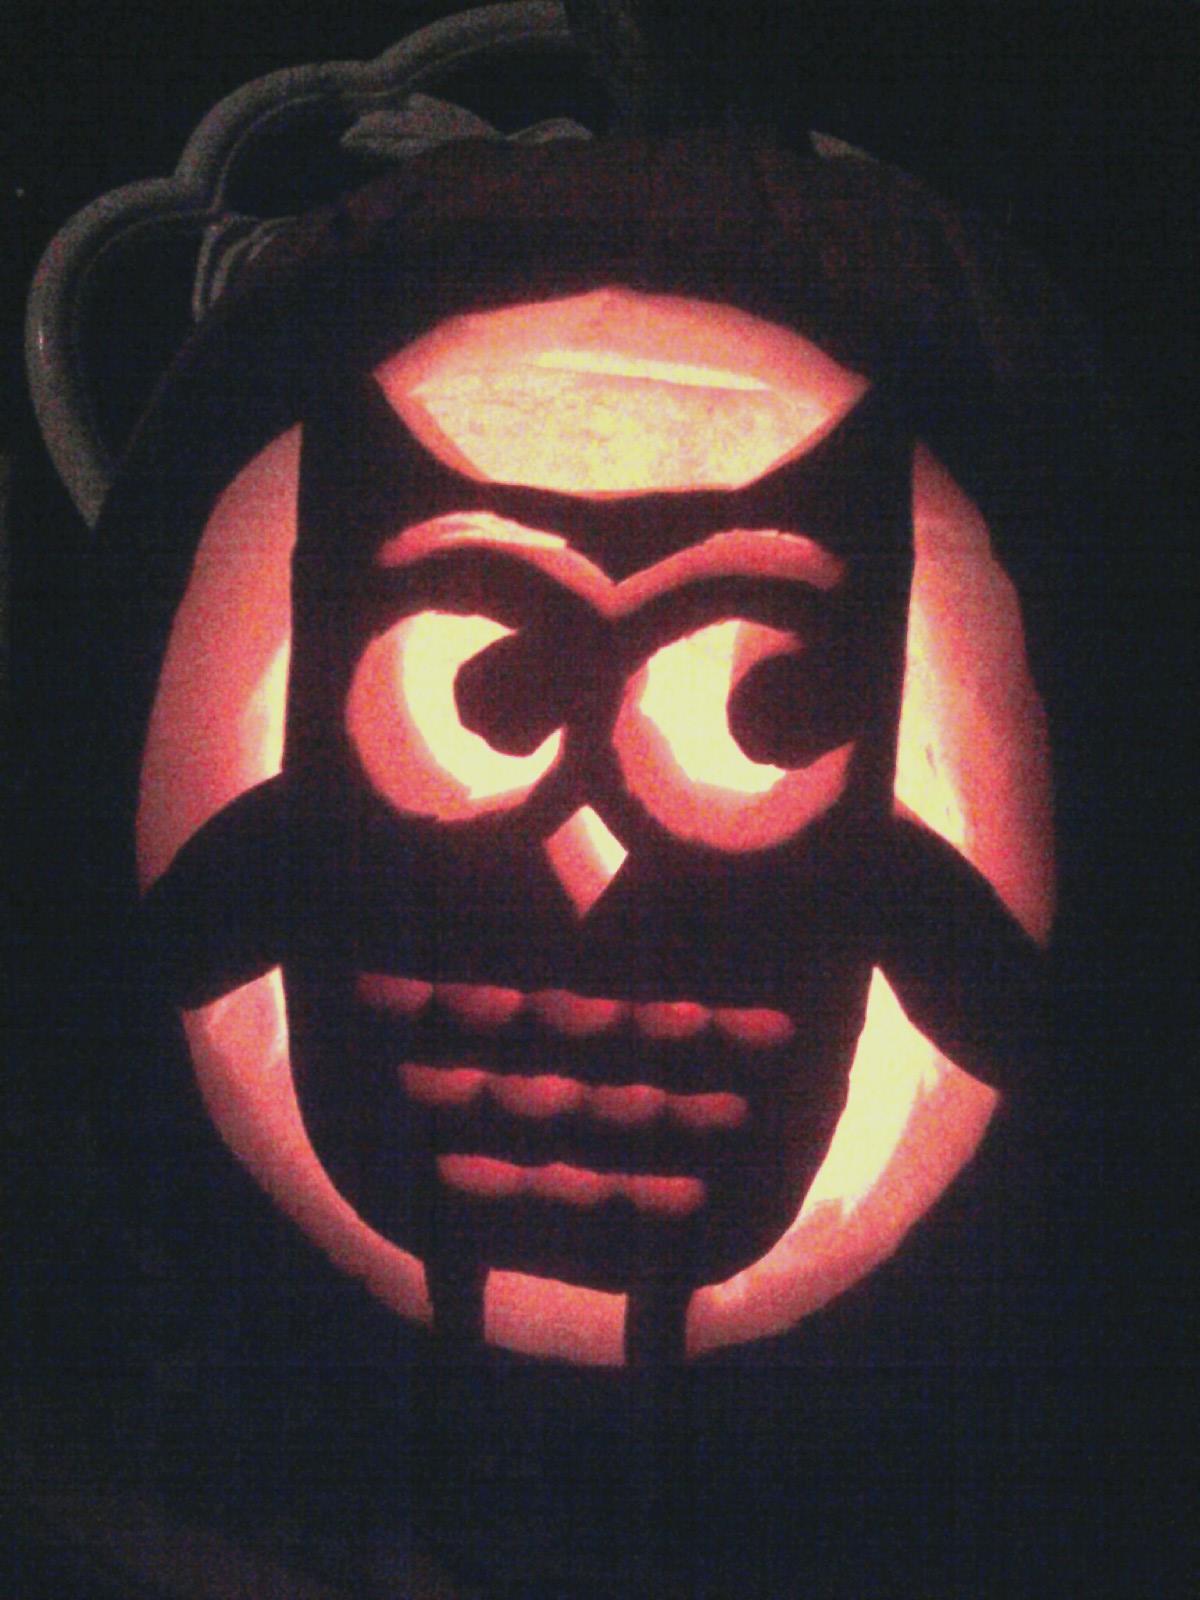 Craftily me pumpkin carving